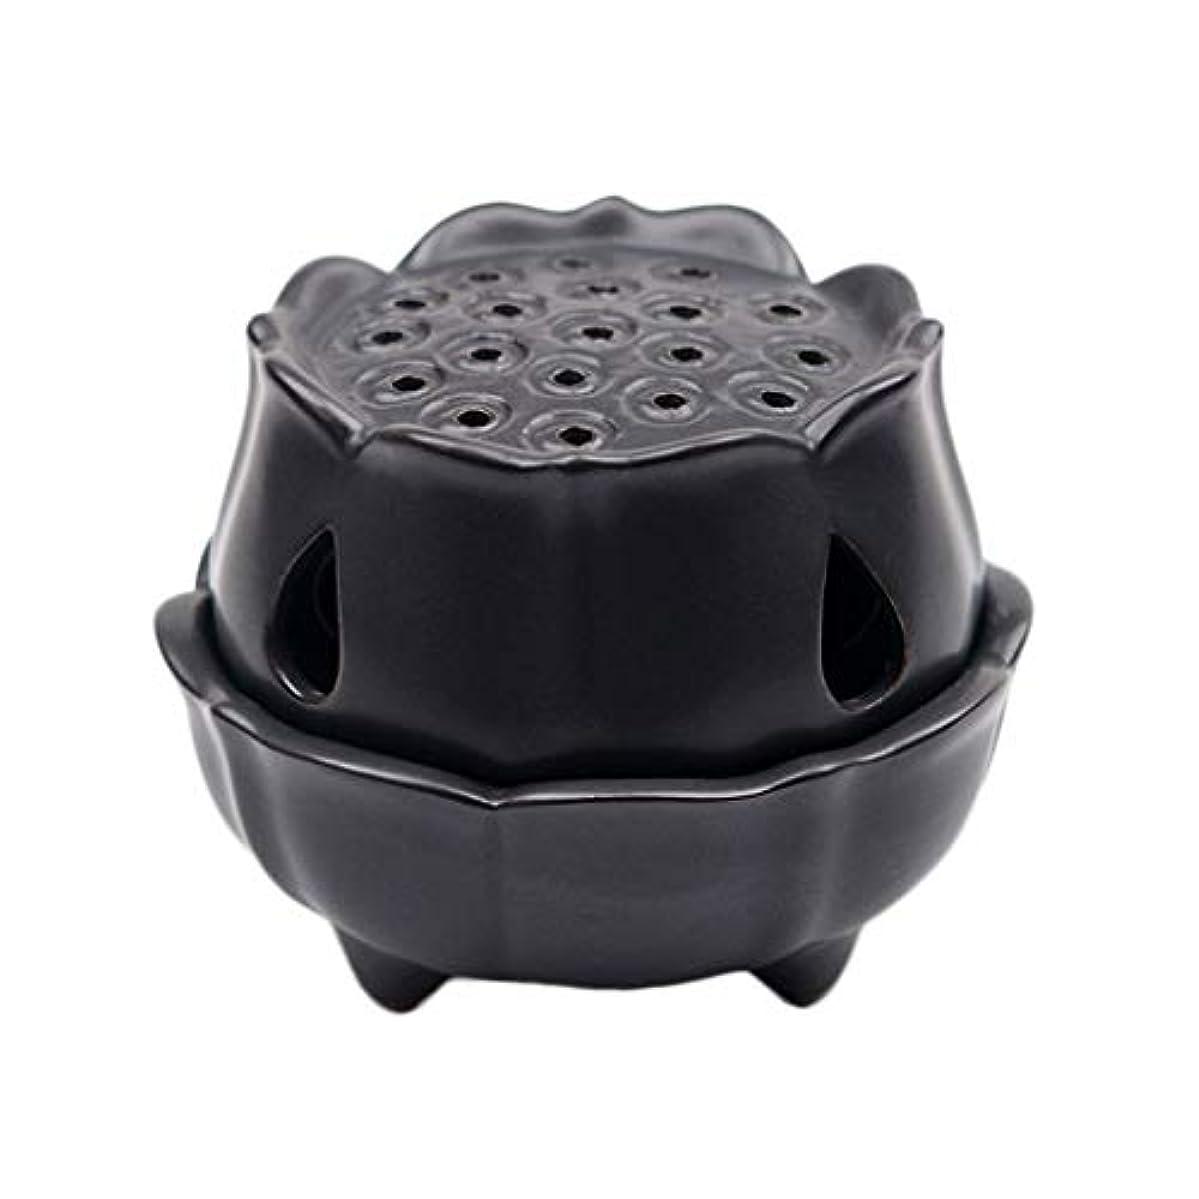 化合物シャッフル重要性ホームアロマバーナー セラミックロータスフラワーセンサークリエイティブホーム小さな仏香ホルダー逆流香バーナーホームオフィスでの使用茶店 アロマバーナー (Color : Black)